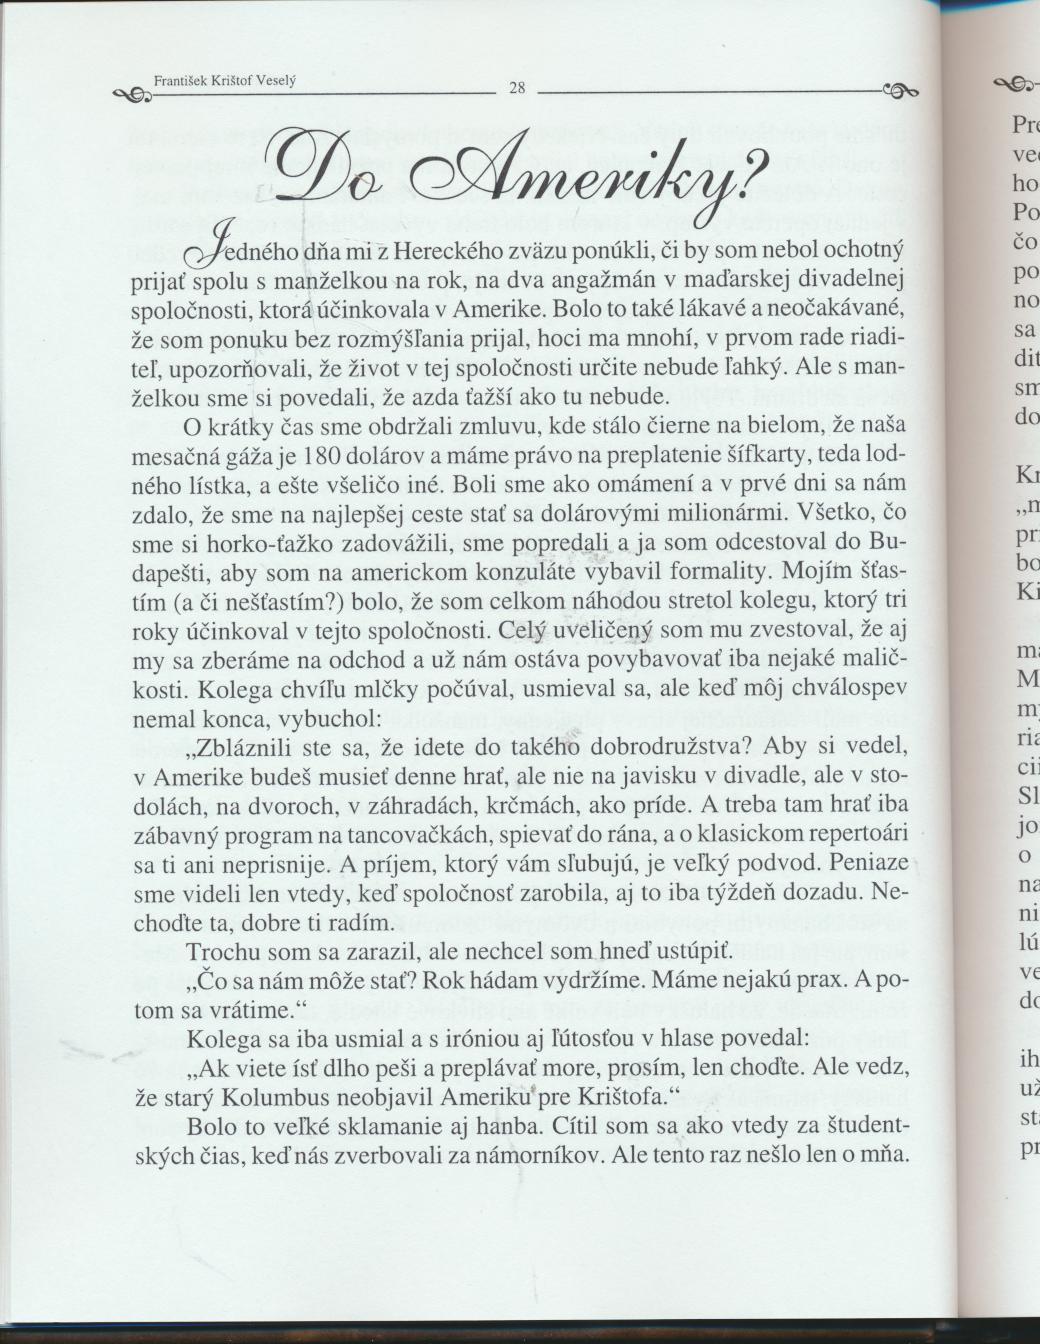 Moja cesta s piesňou [SK] - suprshop.cz